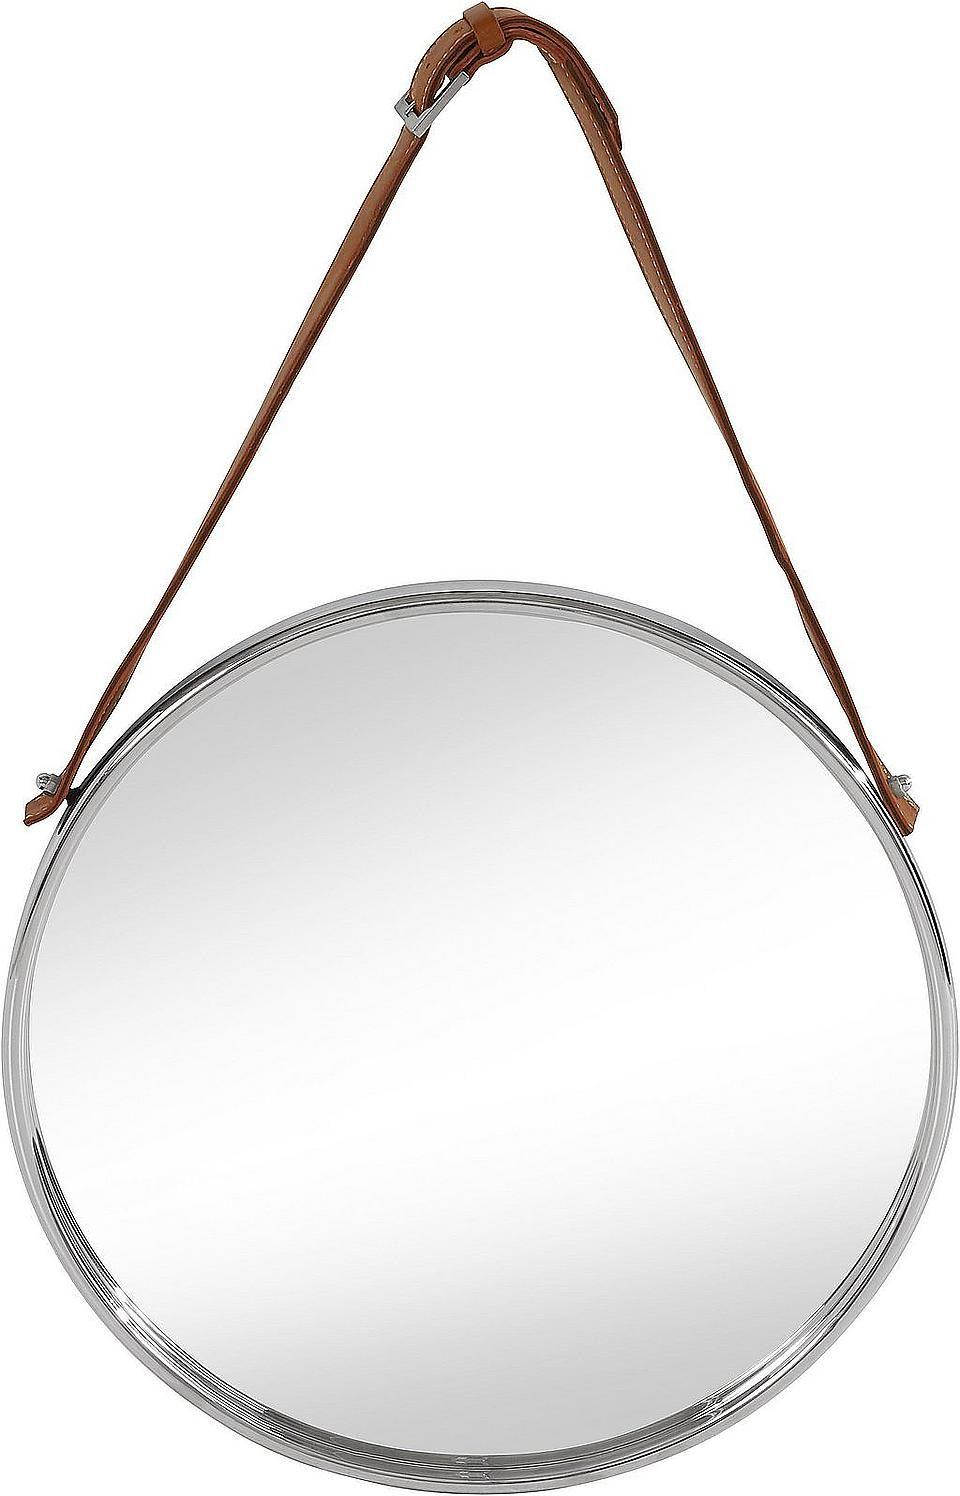 Home Affaire Spiegel Mit Lederband Aufhangung Spiegel Vergrossern